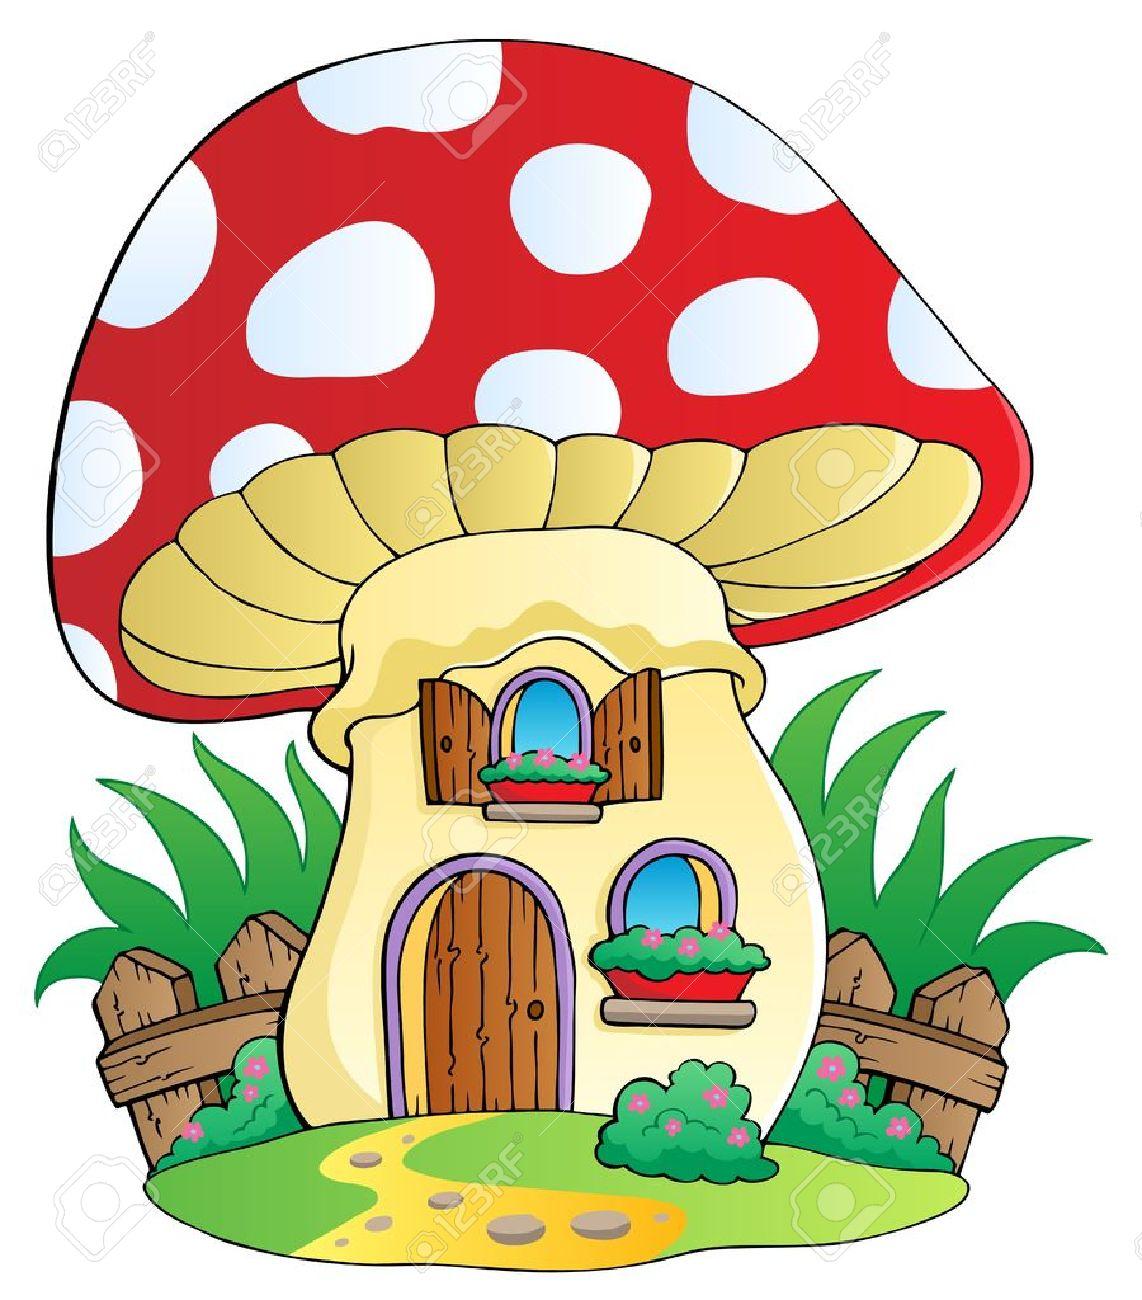 Cartoon mushroom house - vector illustration Stock Vector - 13356135